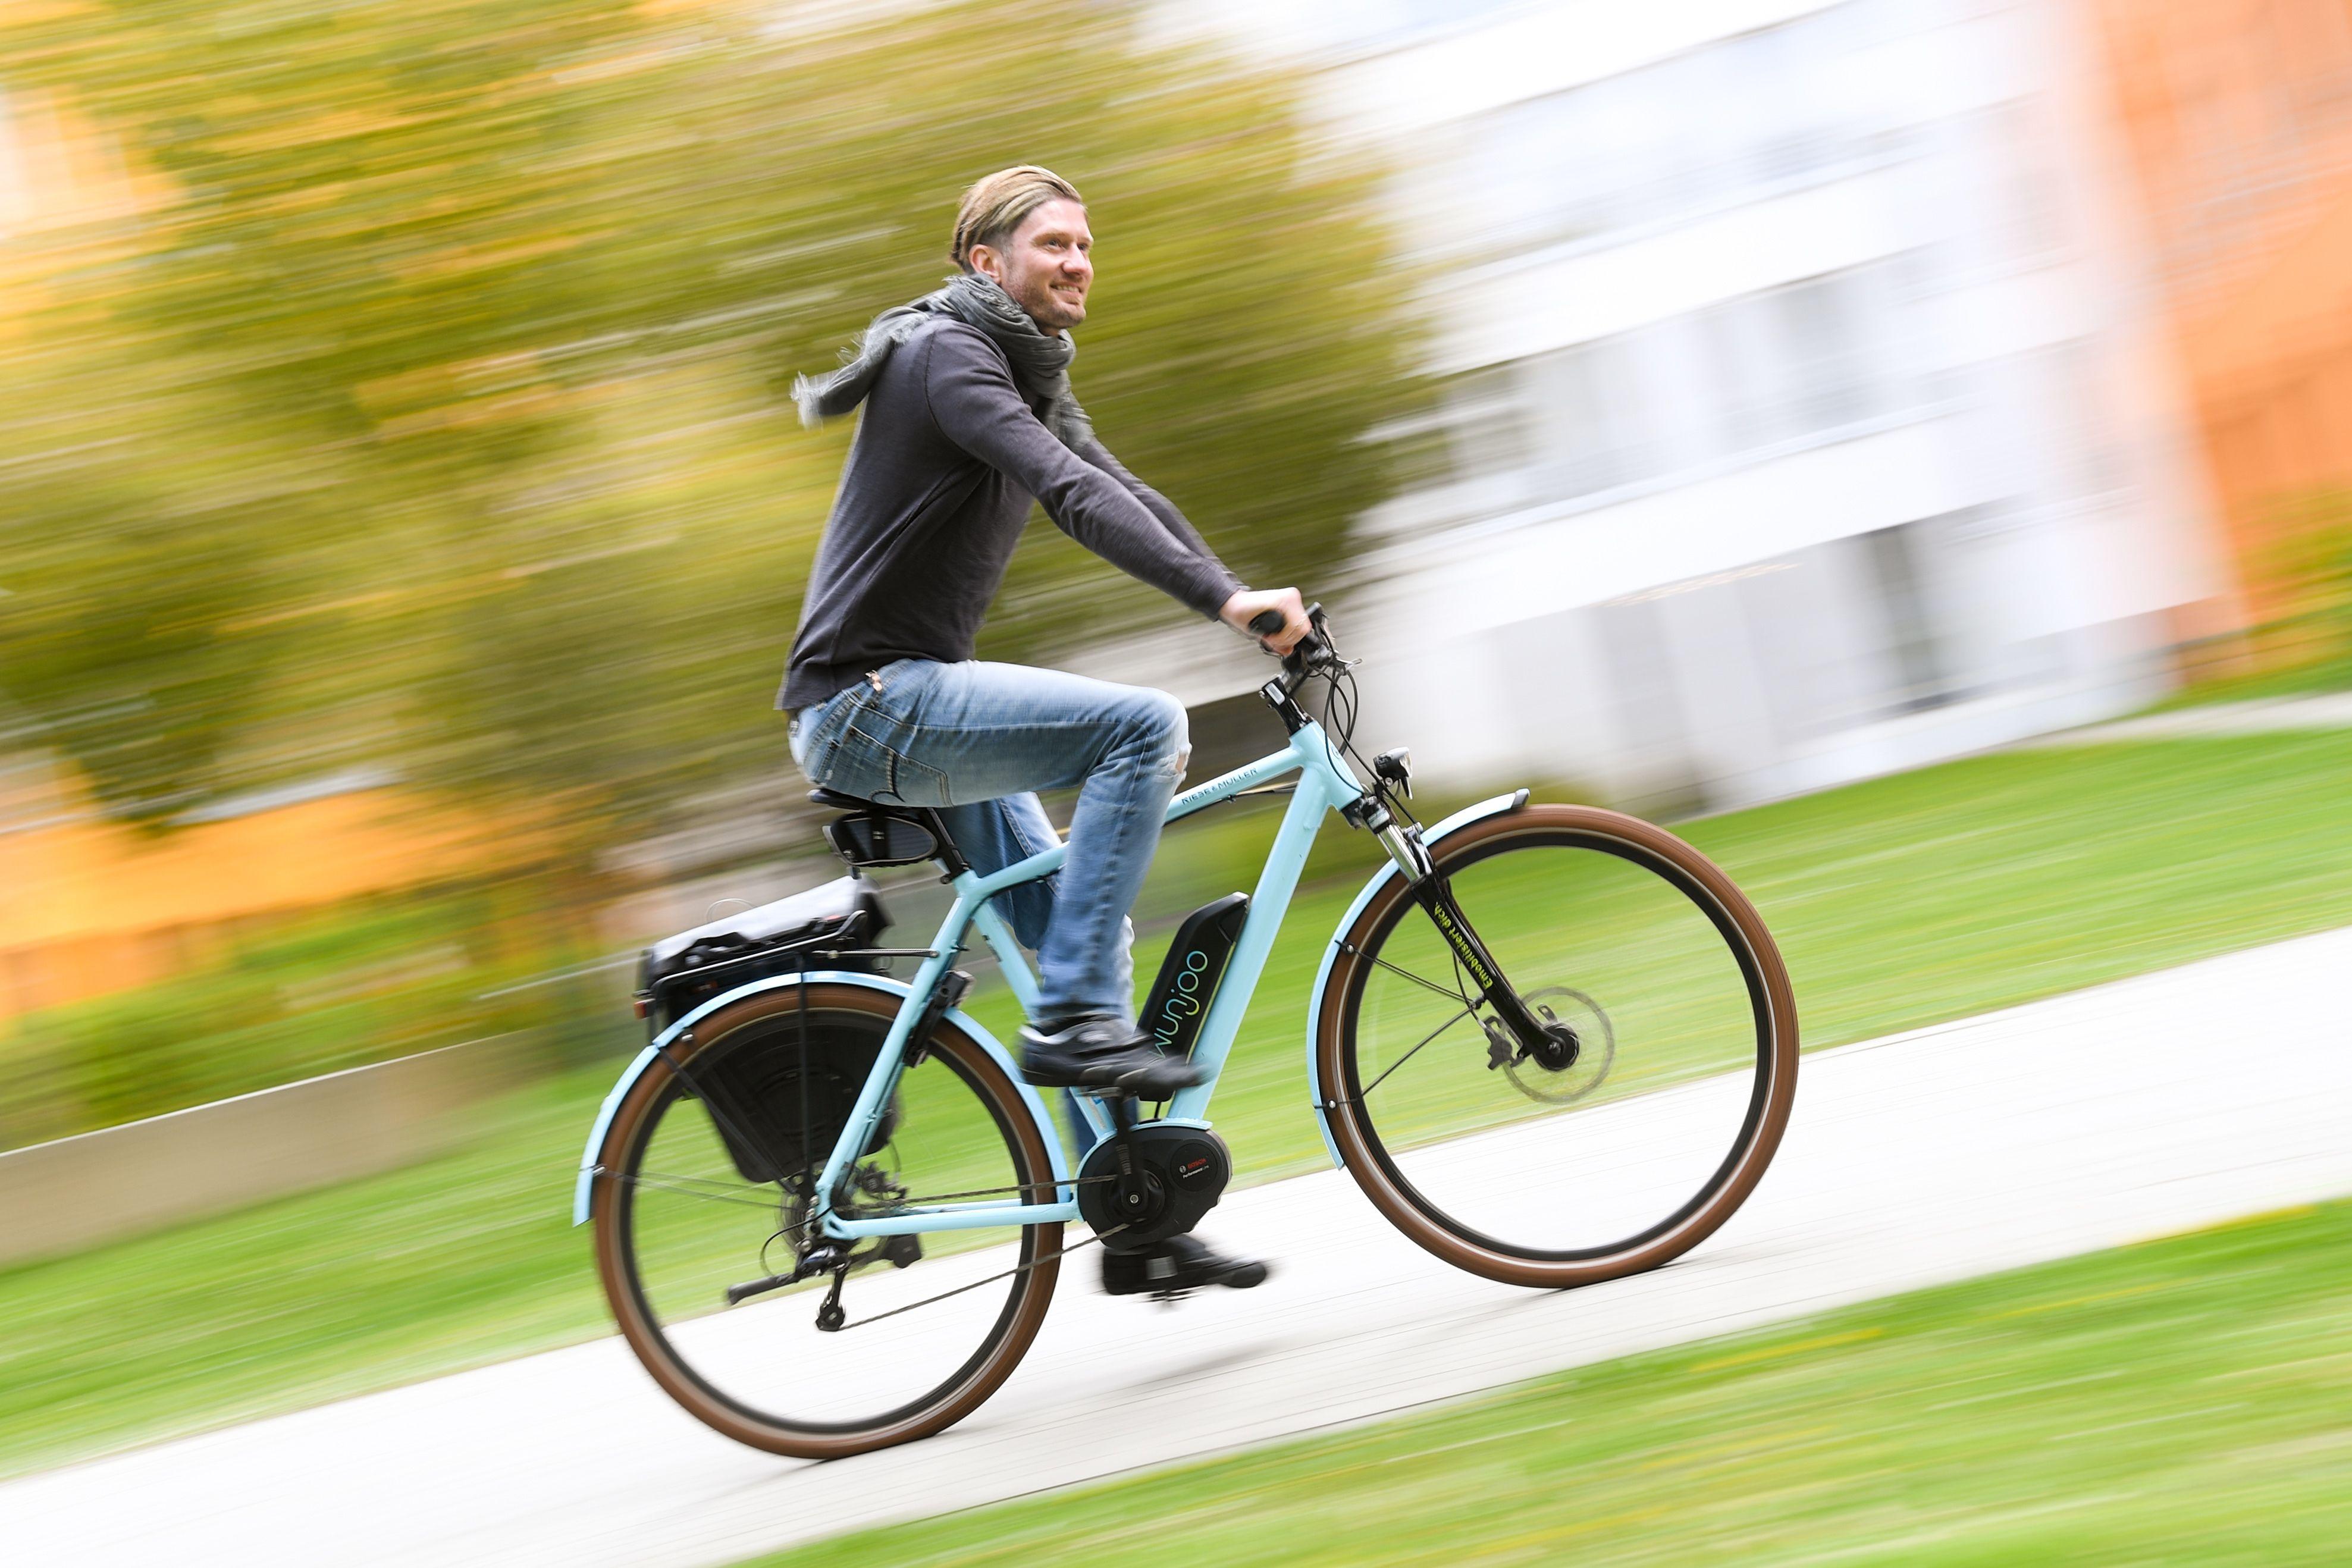 Immer beliebter: Das Oldenburger Münsterland befindet sich im E-Bike-Boom. Foto: dpa/Hase